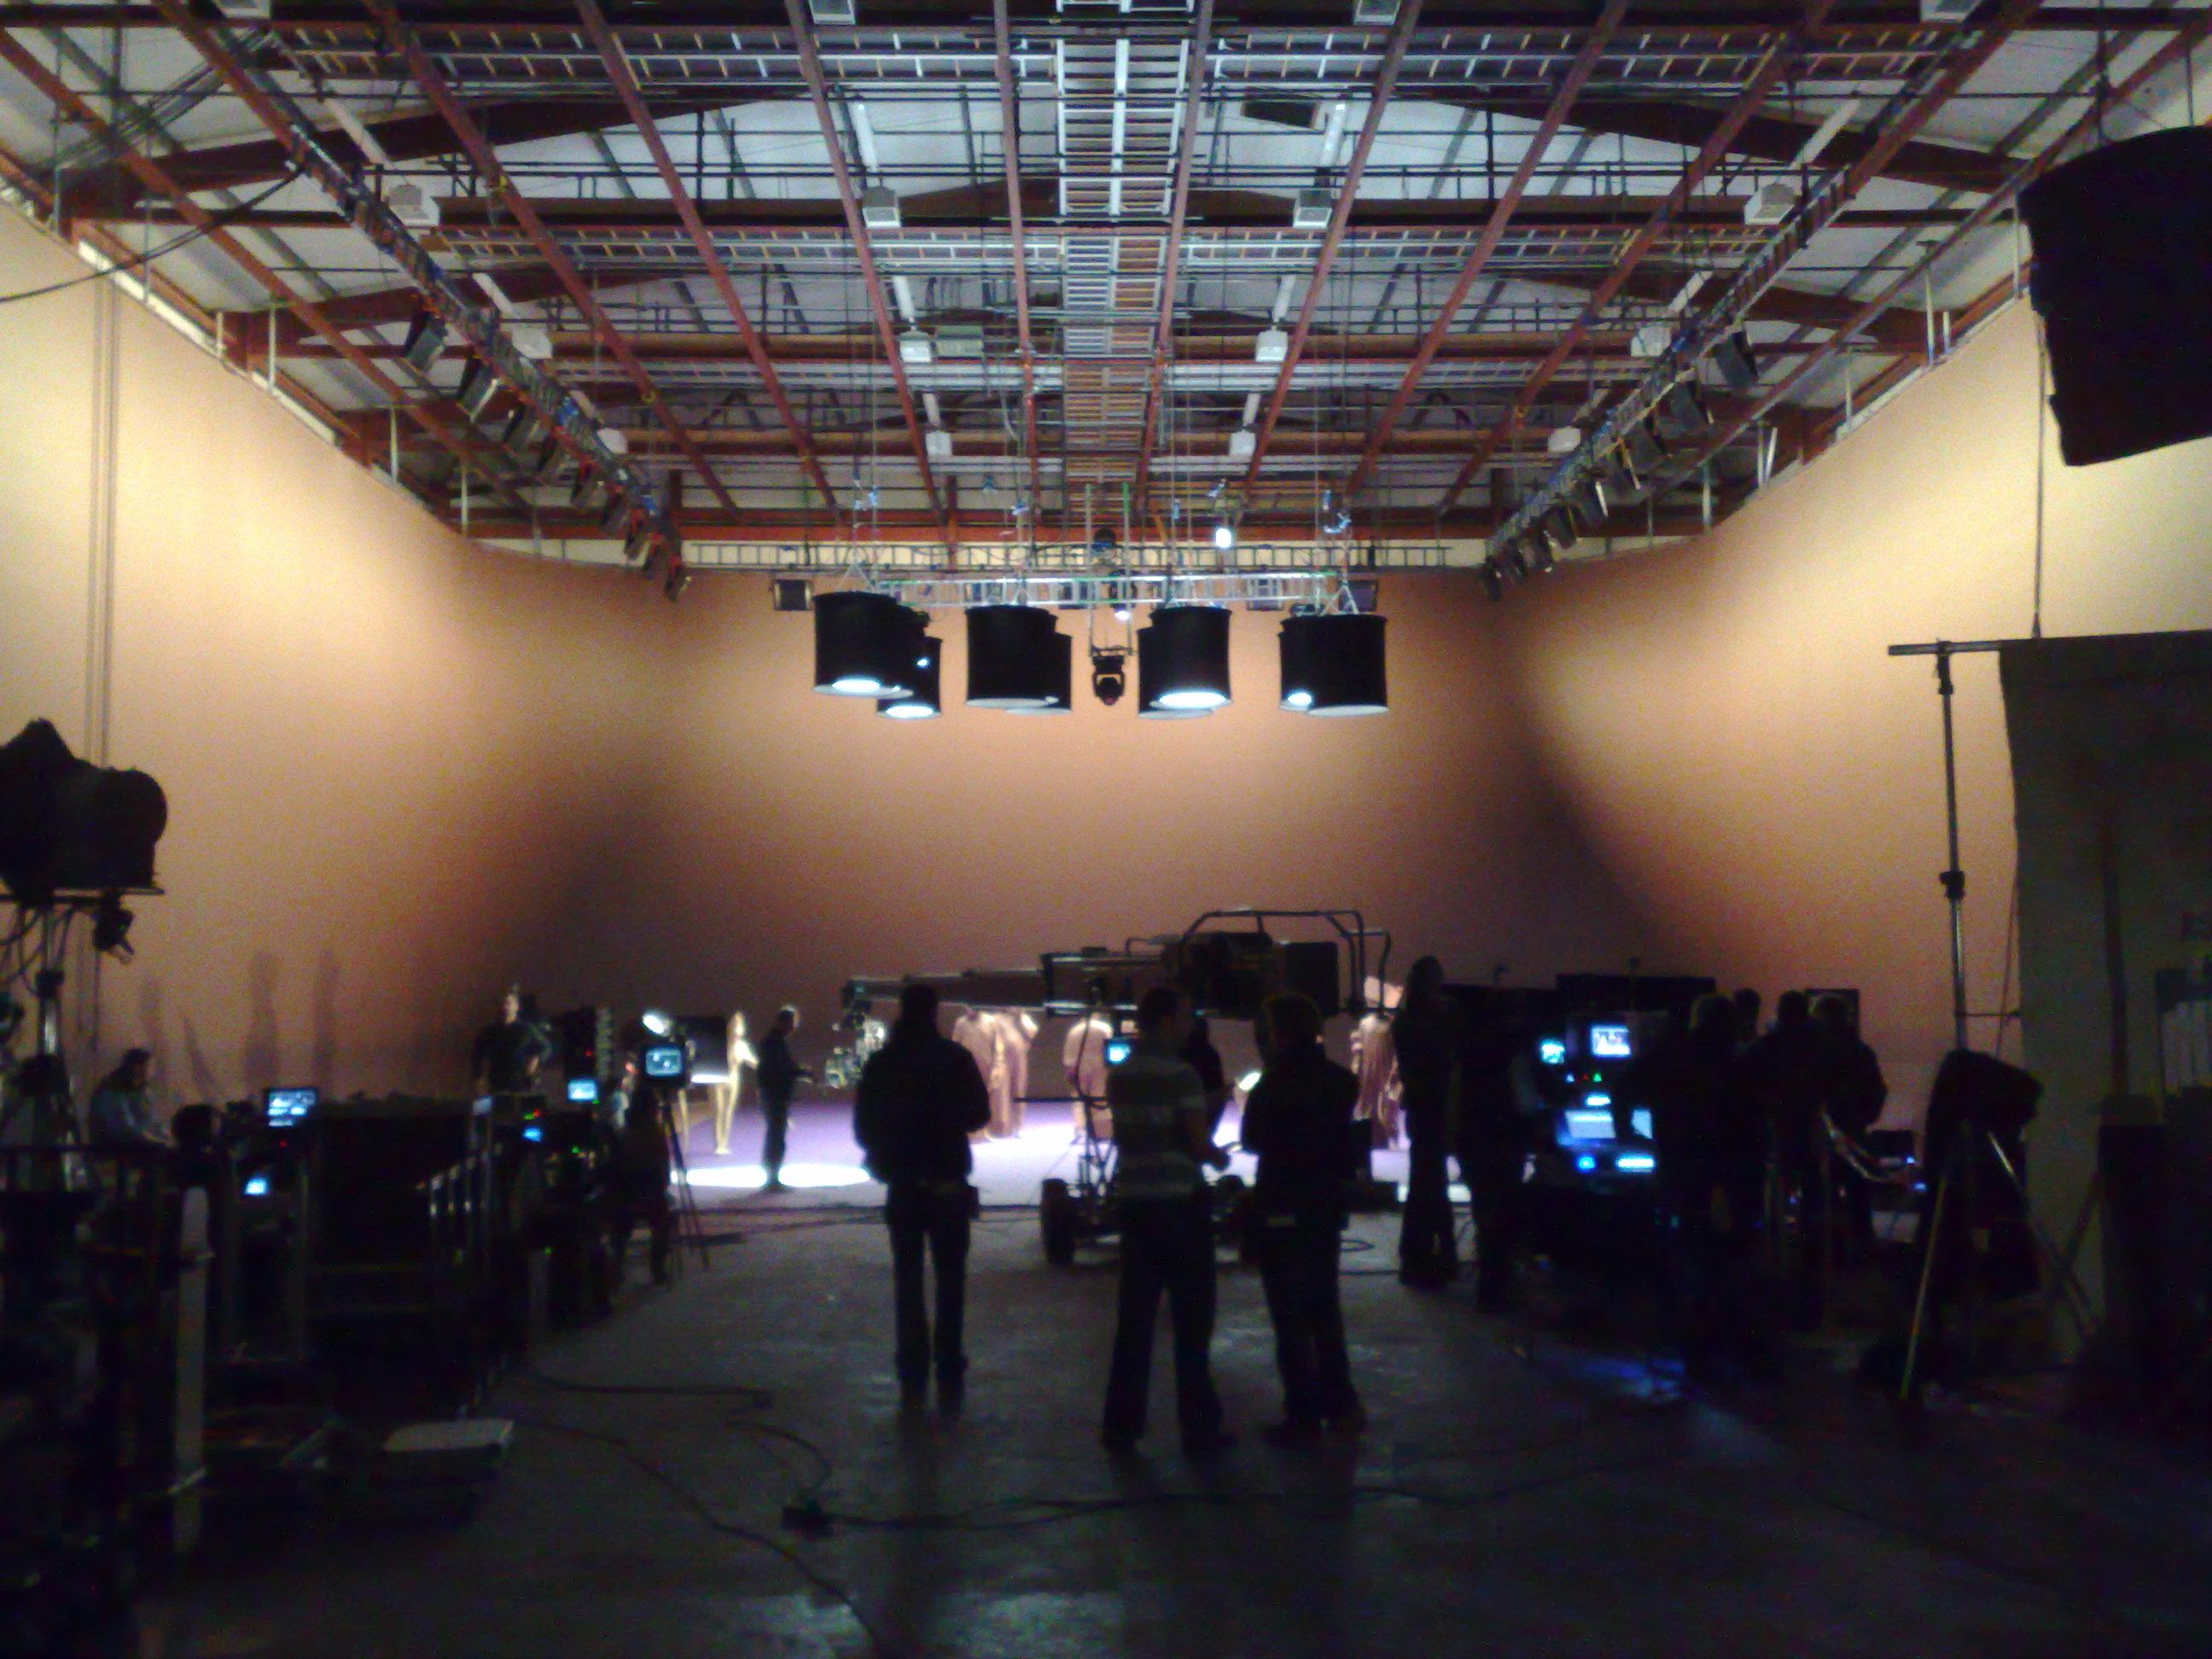 The Film Studio-Floor Runners Bootca